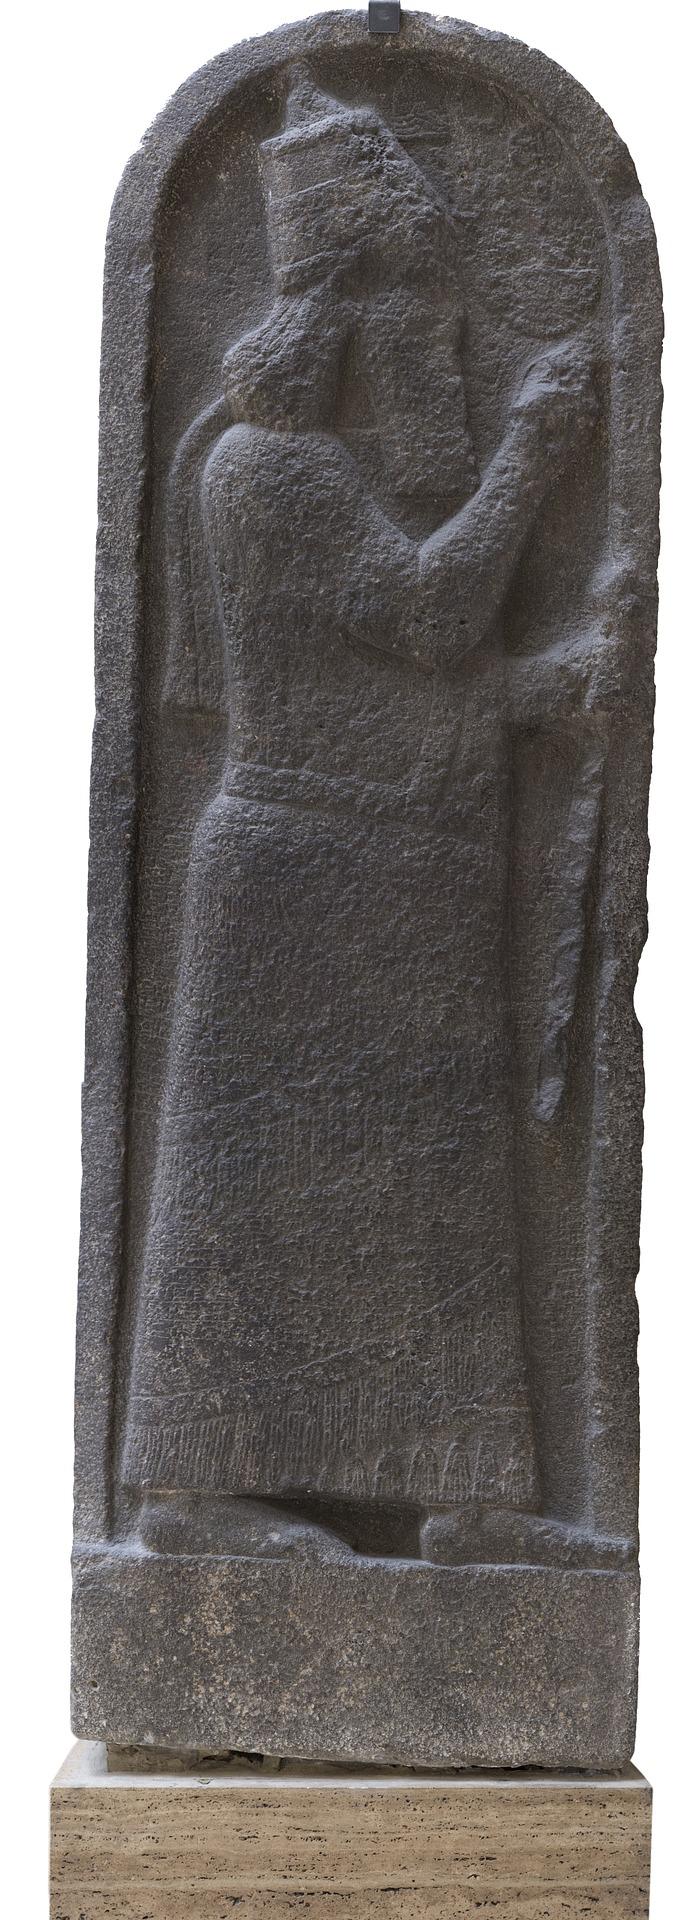 statue-1475706_1920 (1)